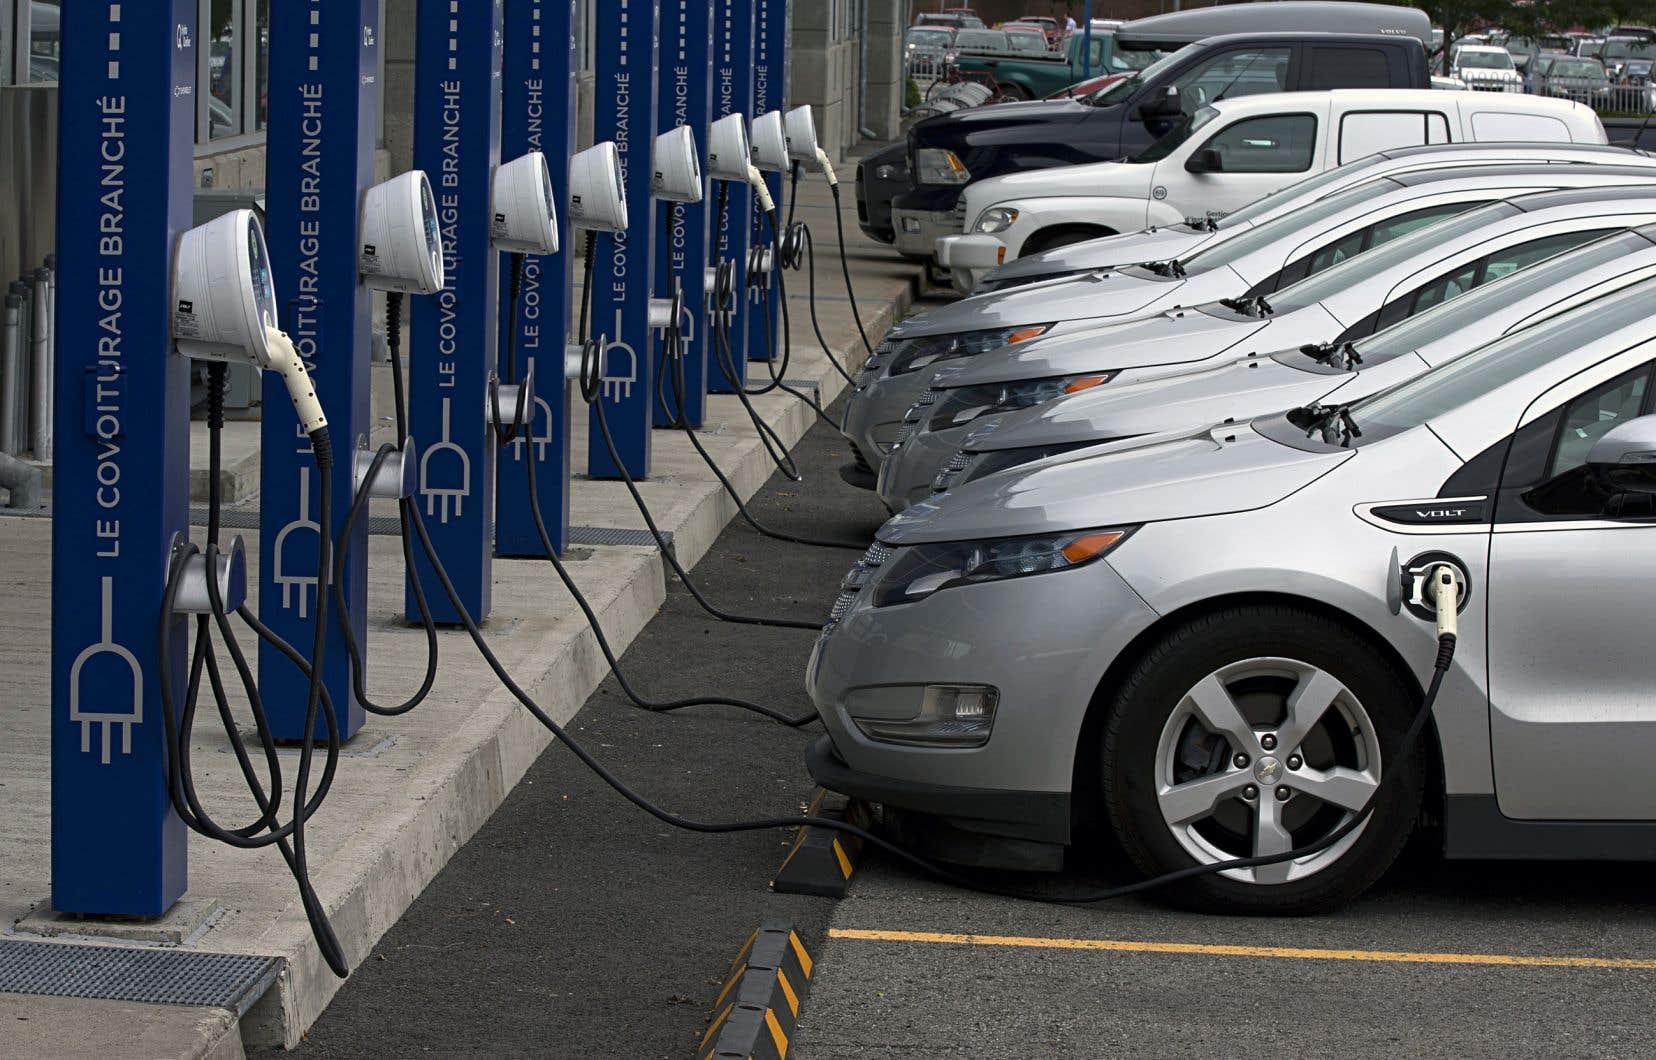 La promotion active des véhicules électriques et hybrides ainsi que le prolongement des quatre lignes de métro existantes figurent parmi les promesses de Québec solidaire en matière de transports.